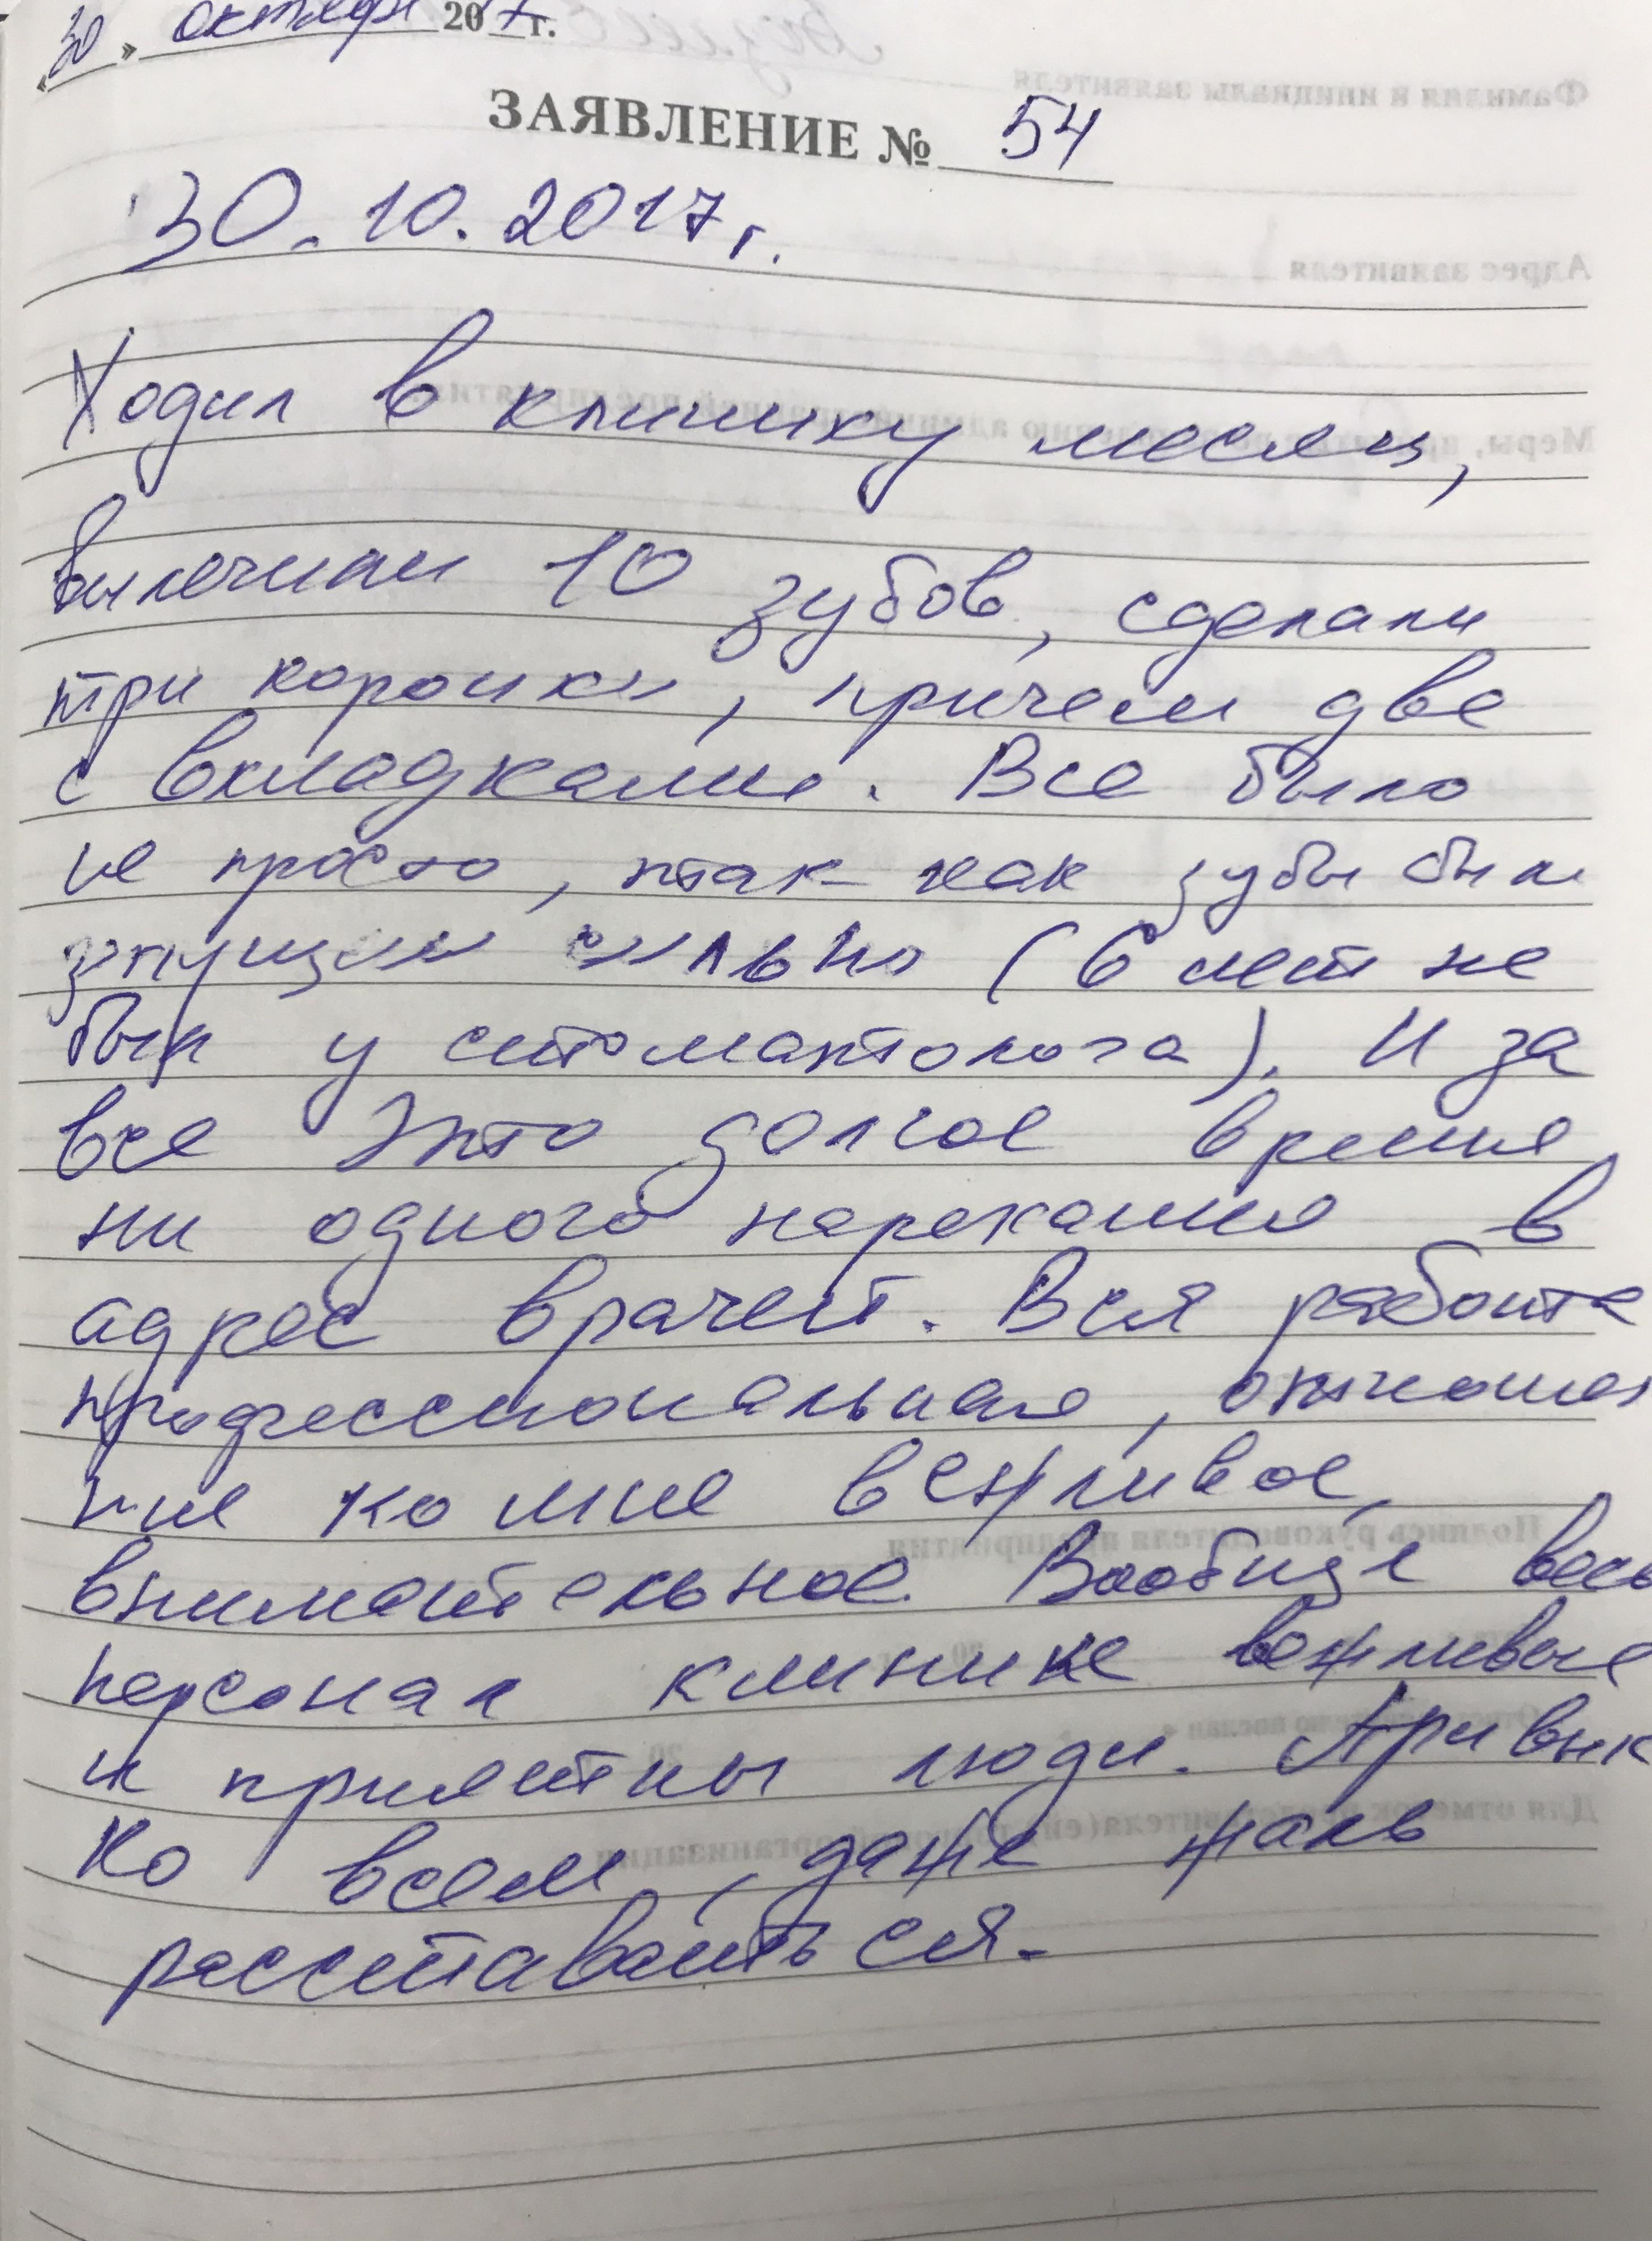 <em>Редактировать Отзыв</em> Алексей Юрьевич. Стоматология Фларт